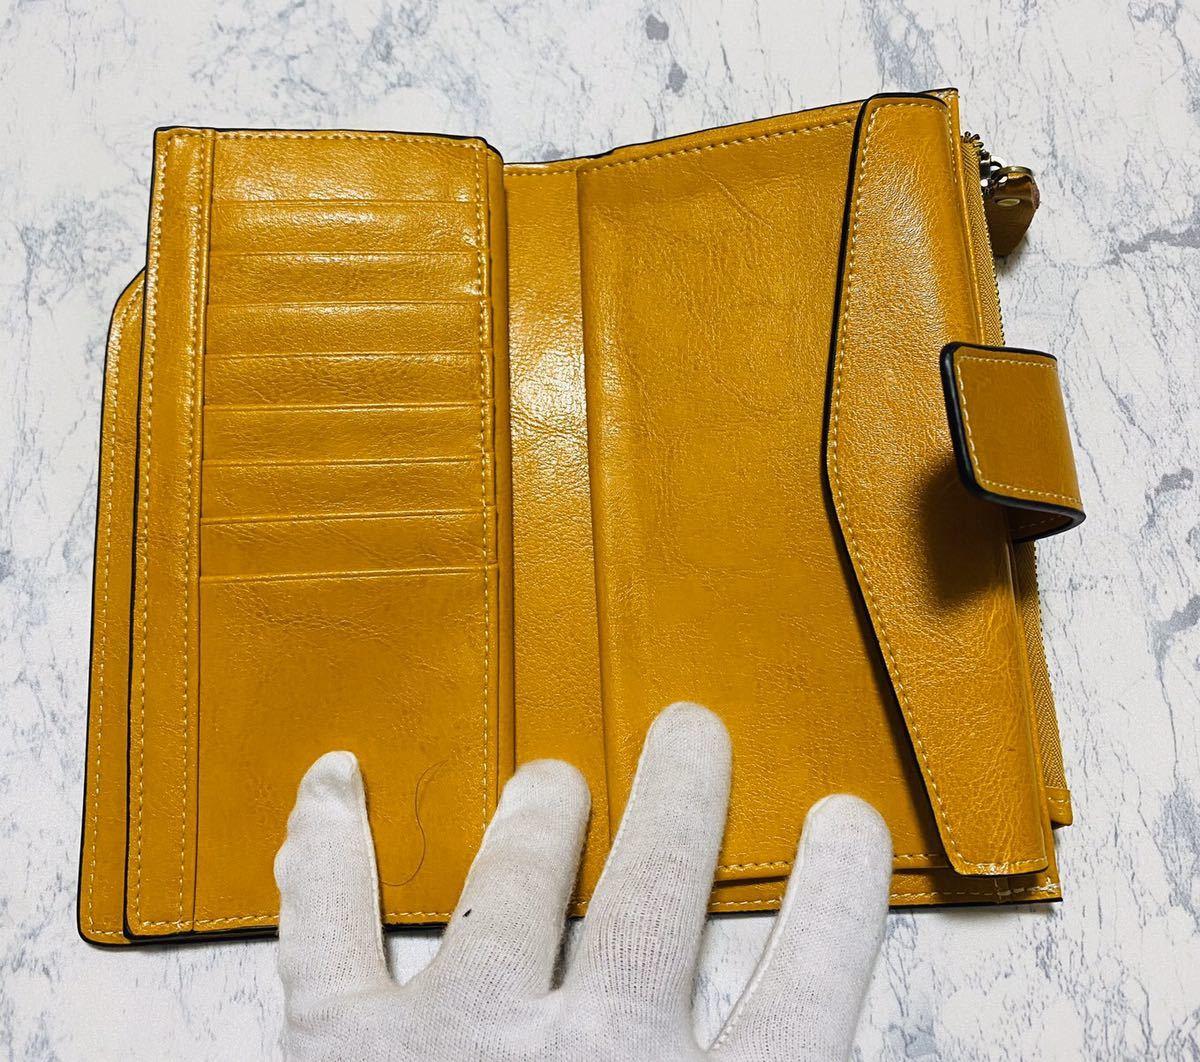 大容量 牛革 財布 カード21枚収納 二つ折り 折財布 スマホ収納可能 本革 メンズ レディス イエロー_画像7